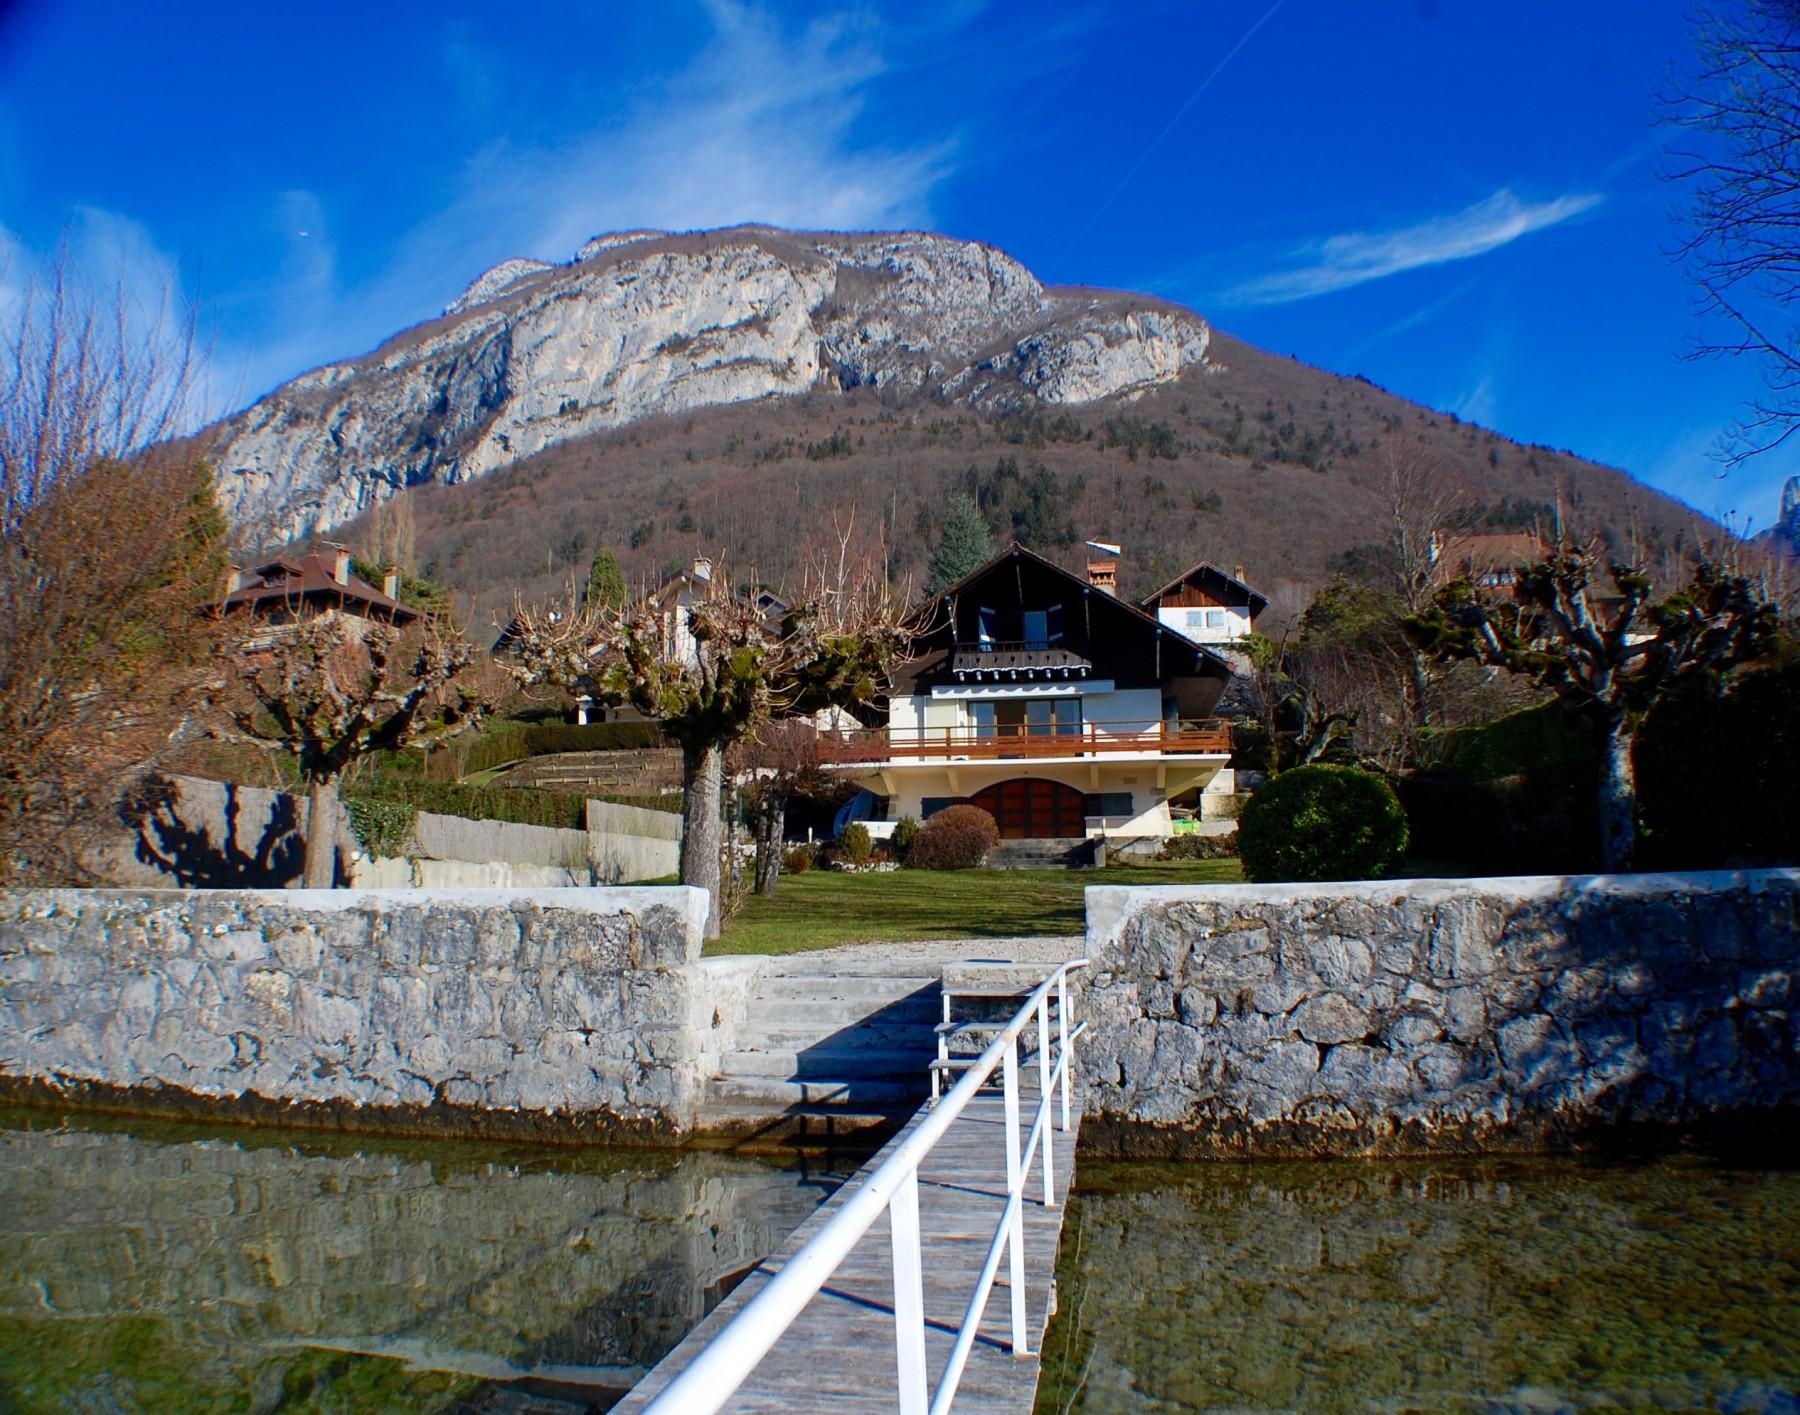 Location maison lac annecy week end ventana blog - Location maison avec piscine annecy ...